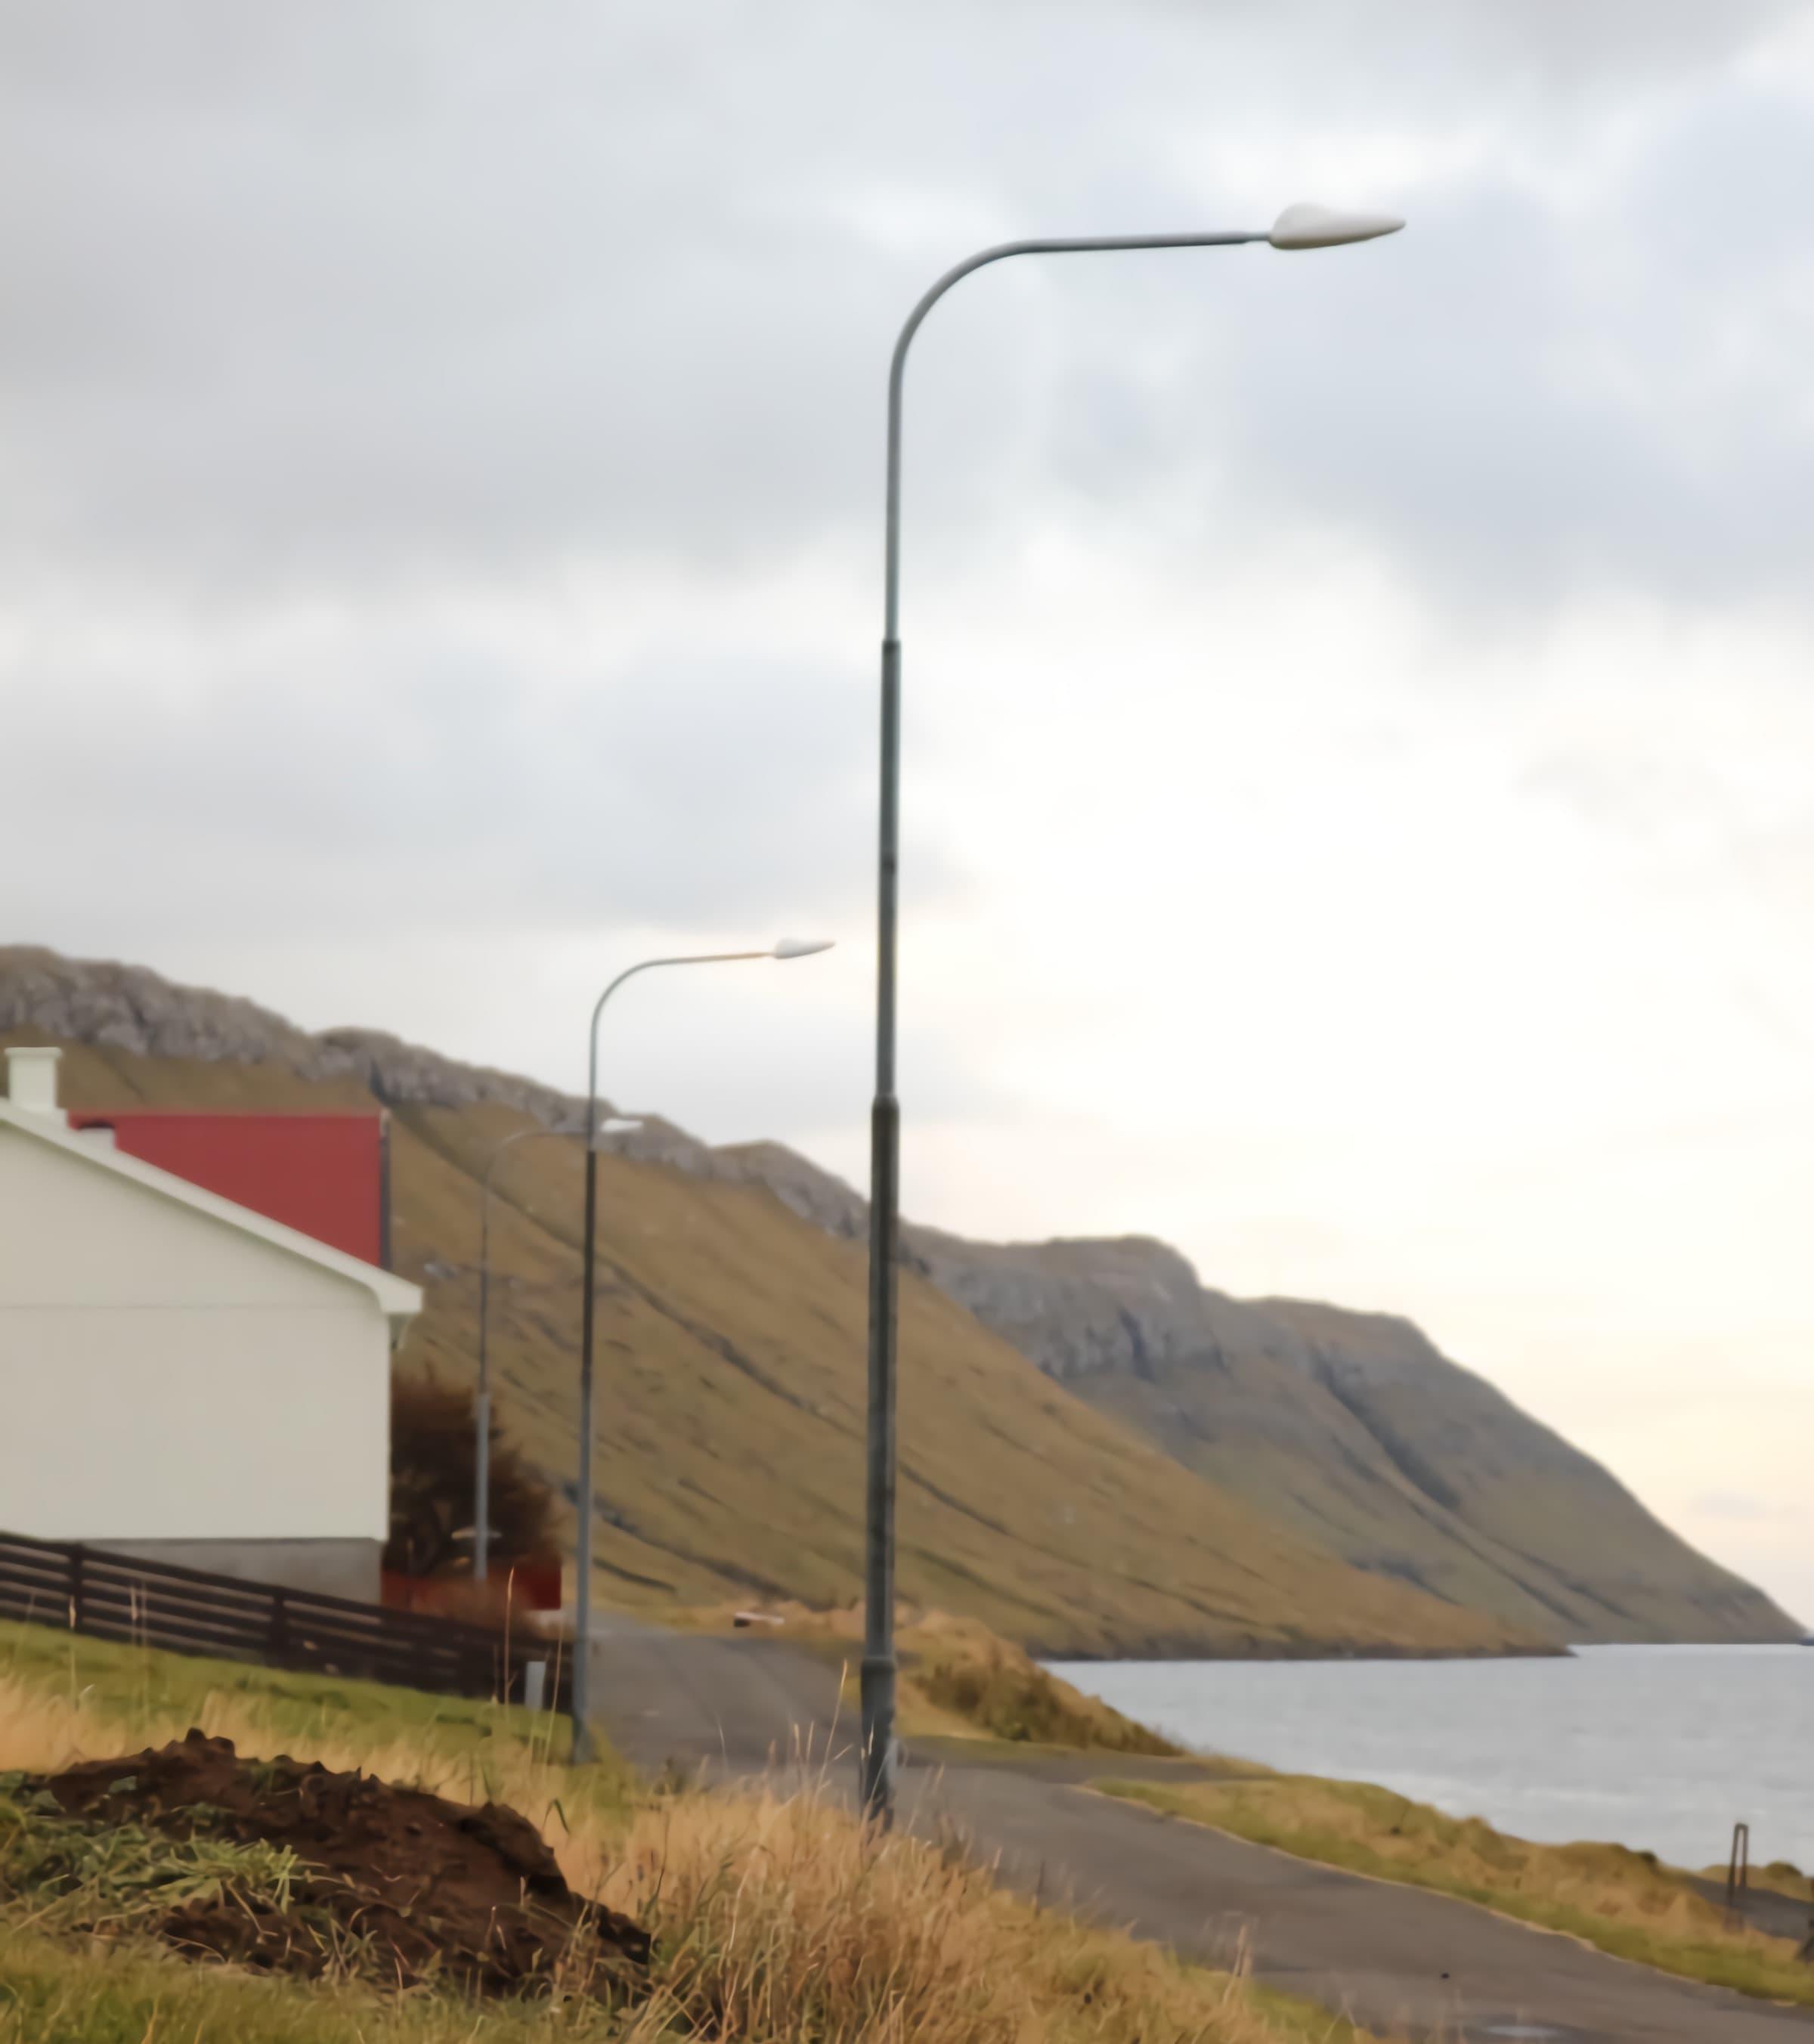 35-watts-led-street-light-installation-in-Faroe-islands